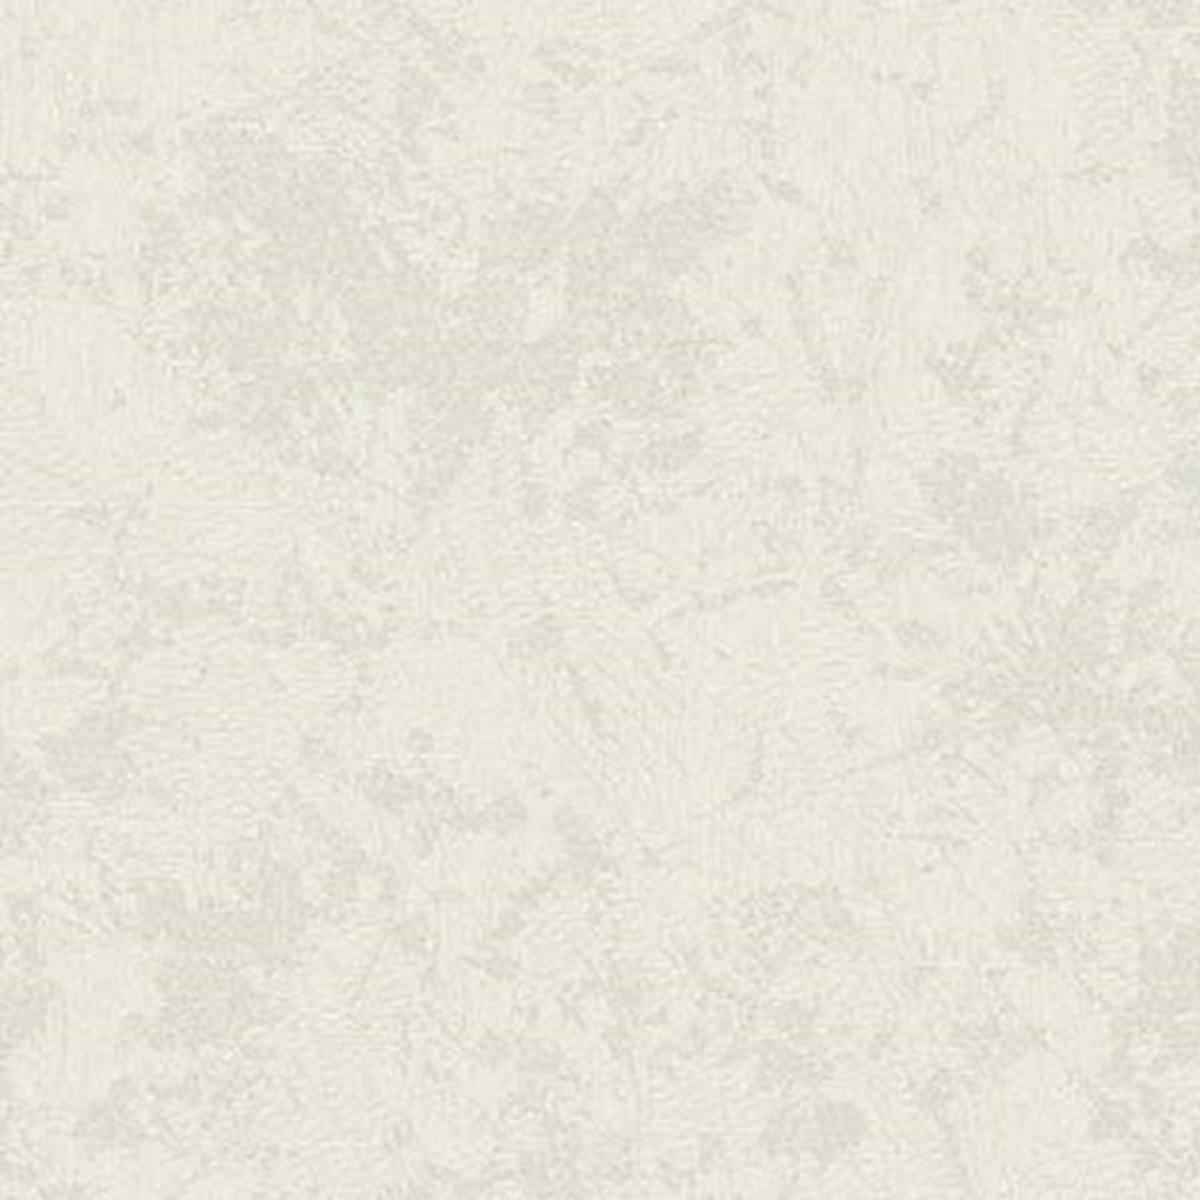 Обои виниловые Gaenari серые 1.06 м 81135-3